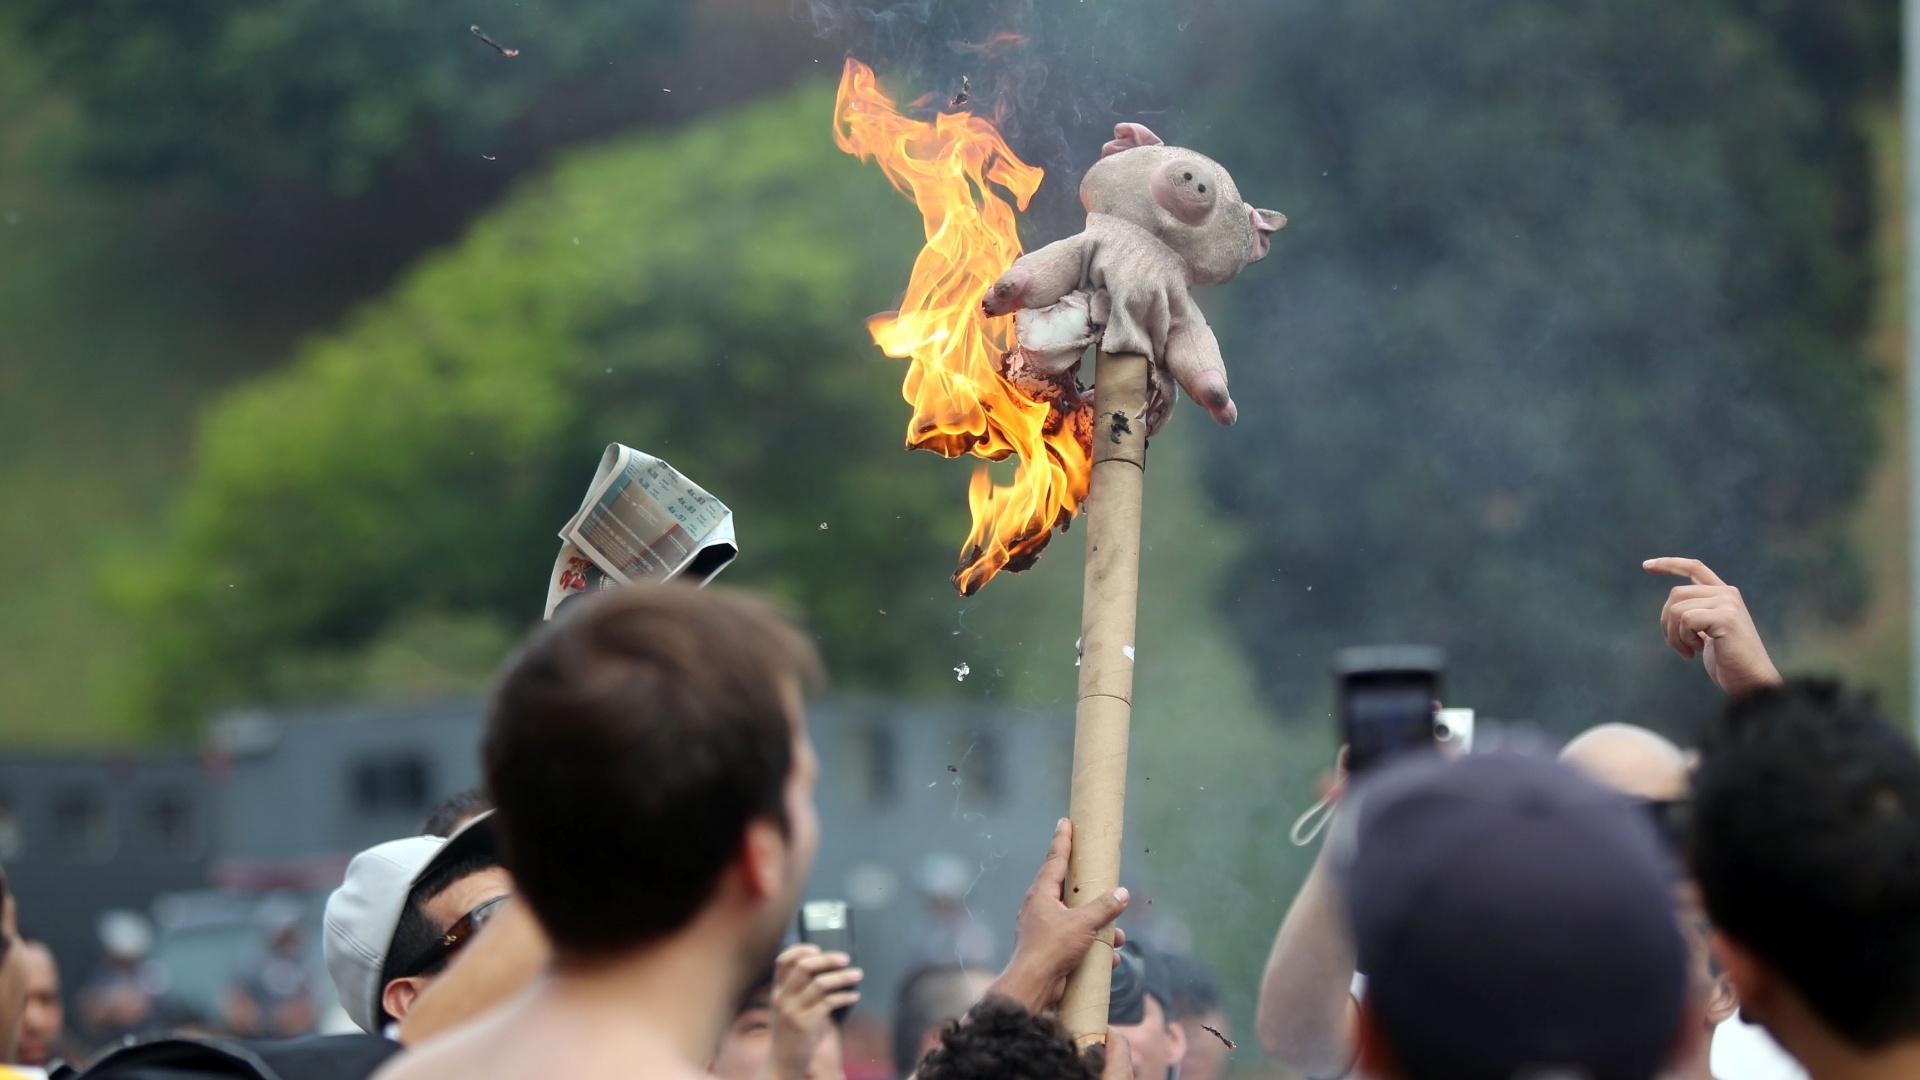 Torcida do Corinthians queima o porco, símbolo do Palmeiras, na entrada do Pacaembu